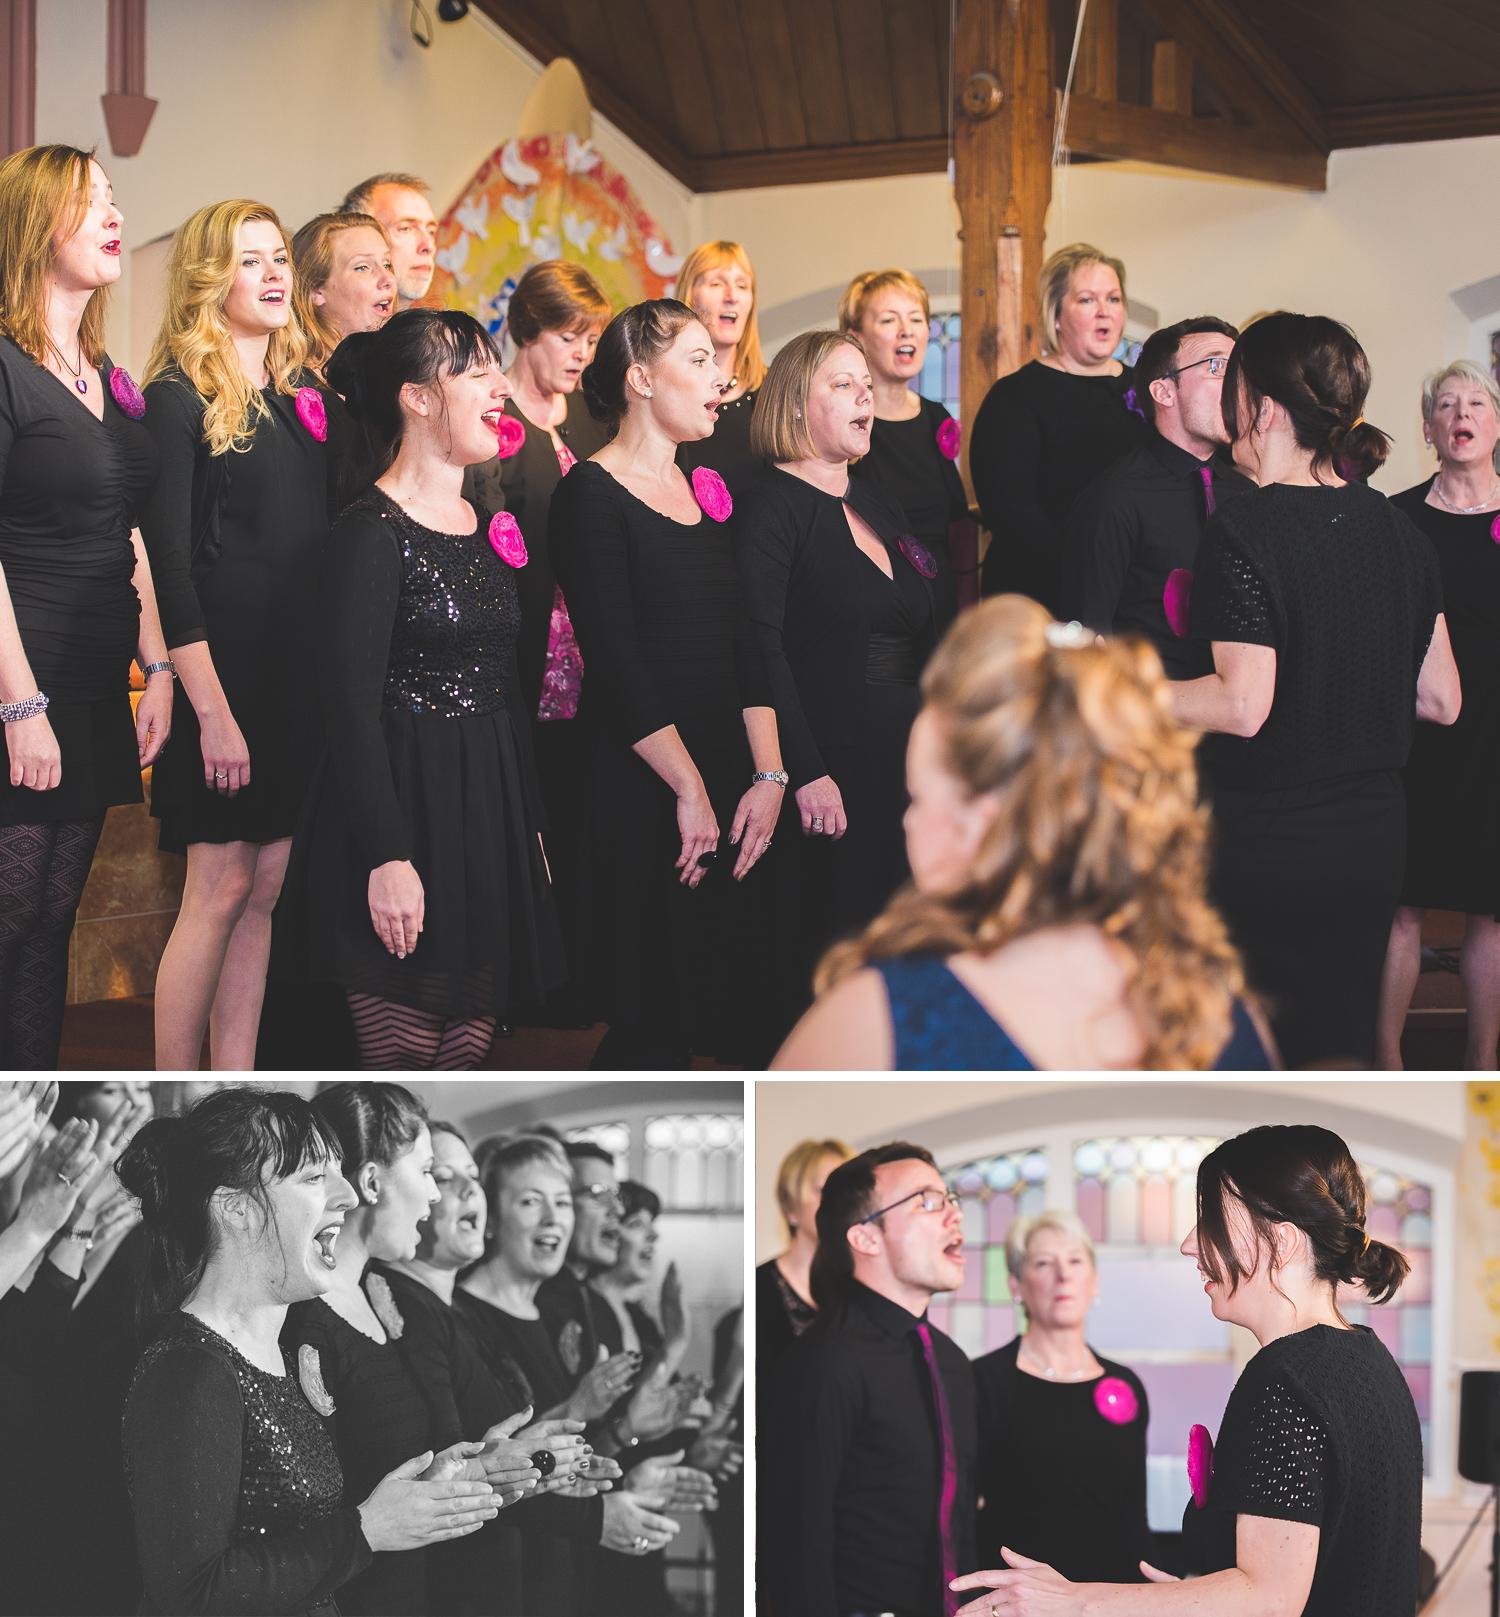 choir-wedding-photography-christchurch-dorset.jpg